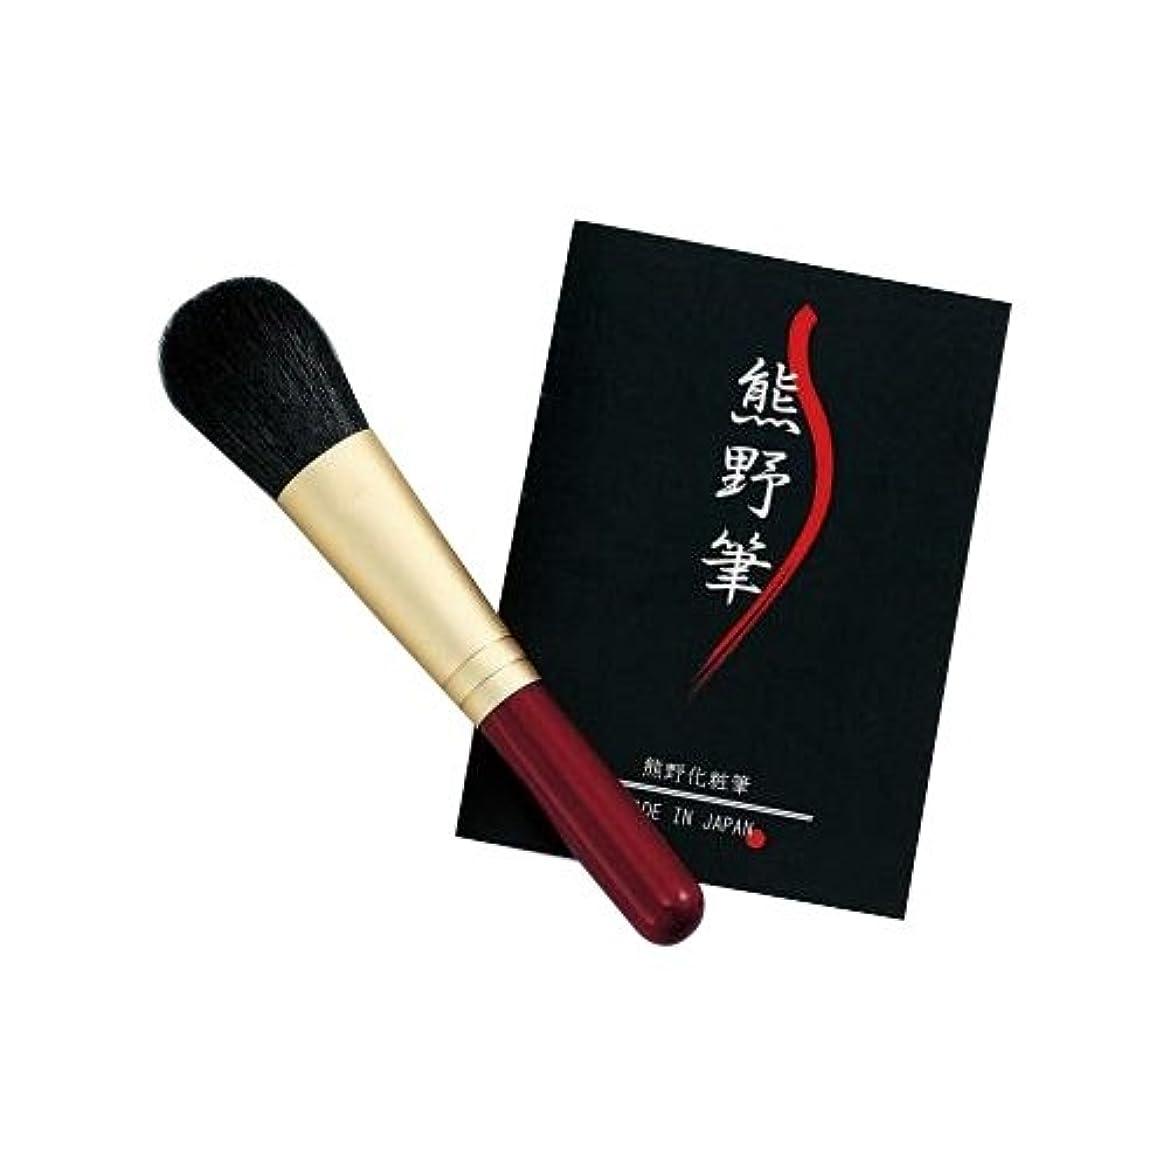 シェルター追記立ち寄るゼニス 熊野化粧筆 筆の心 チークブラシ(ショート)